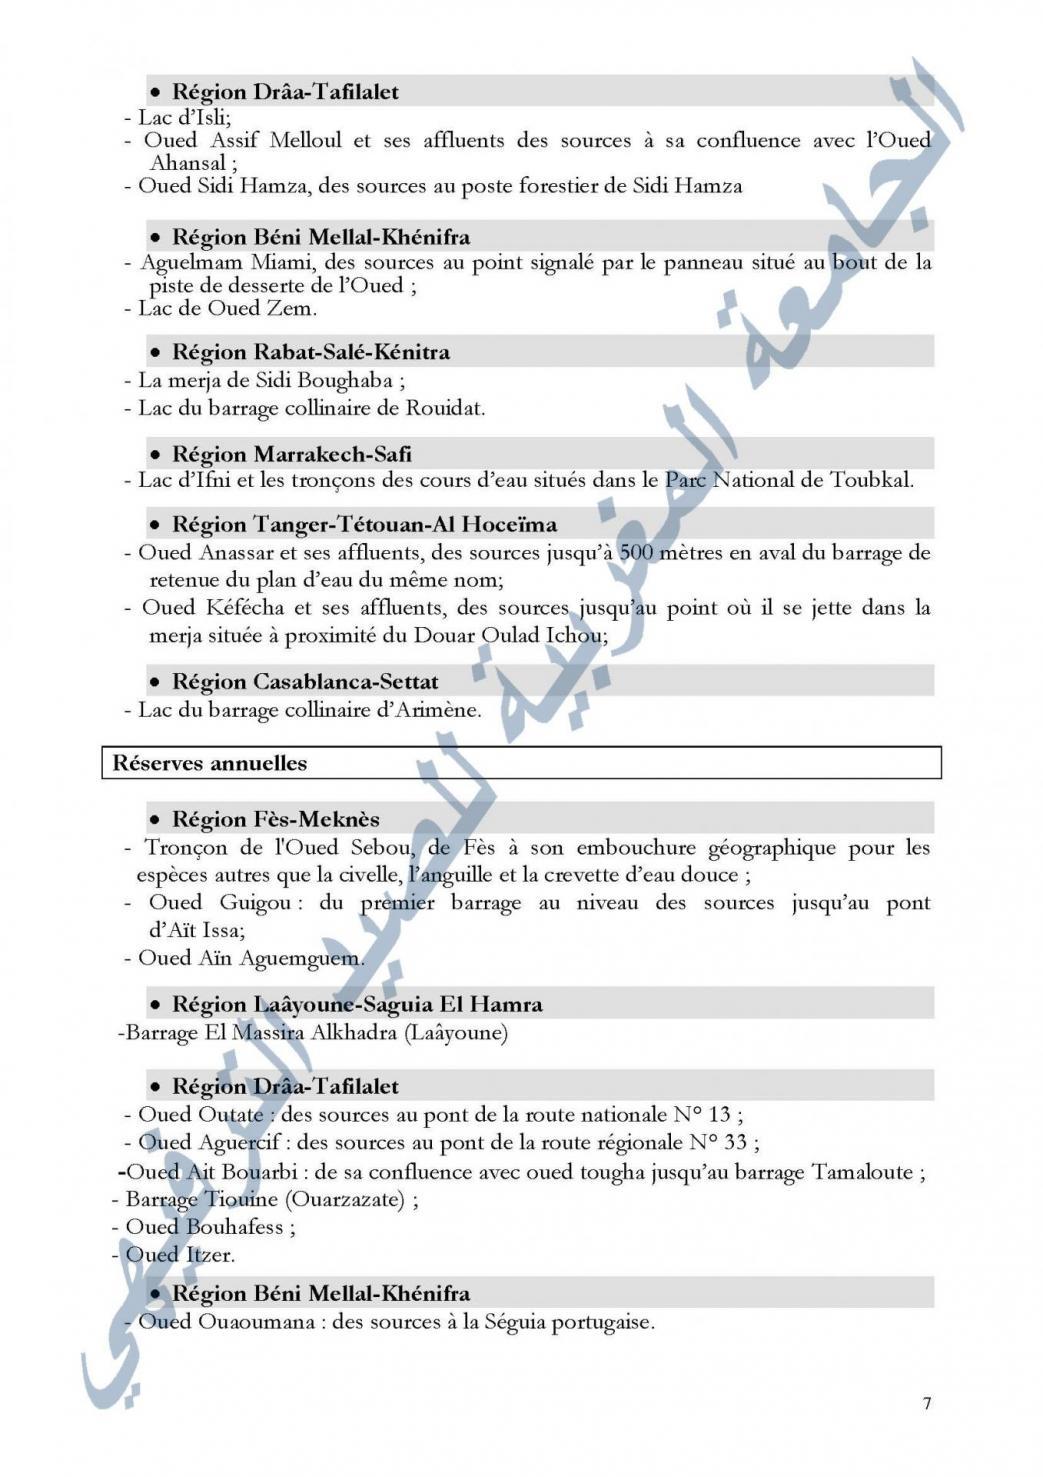 Arrete 17 18 page 7